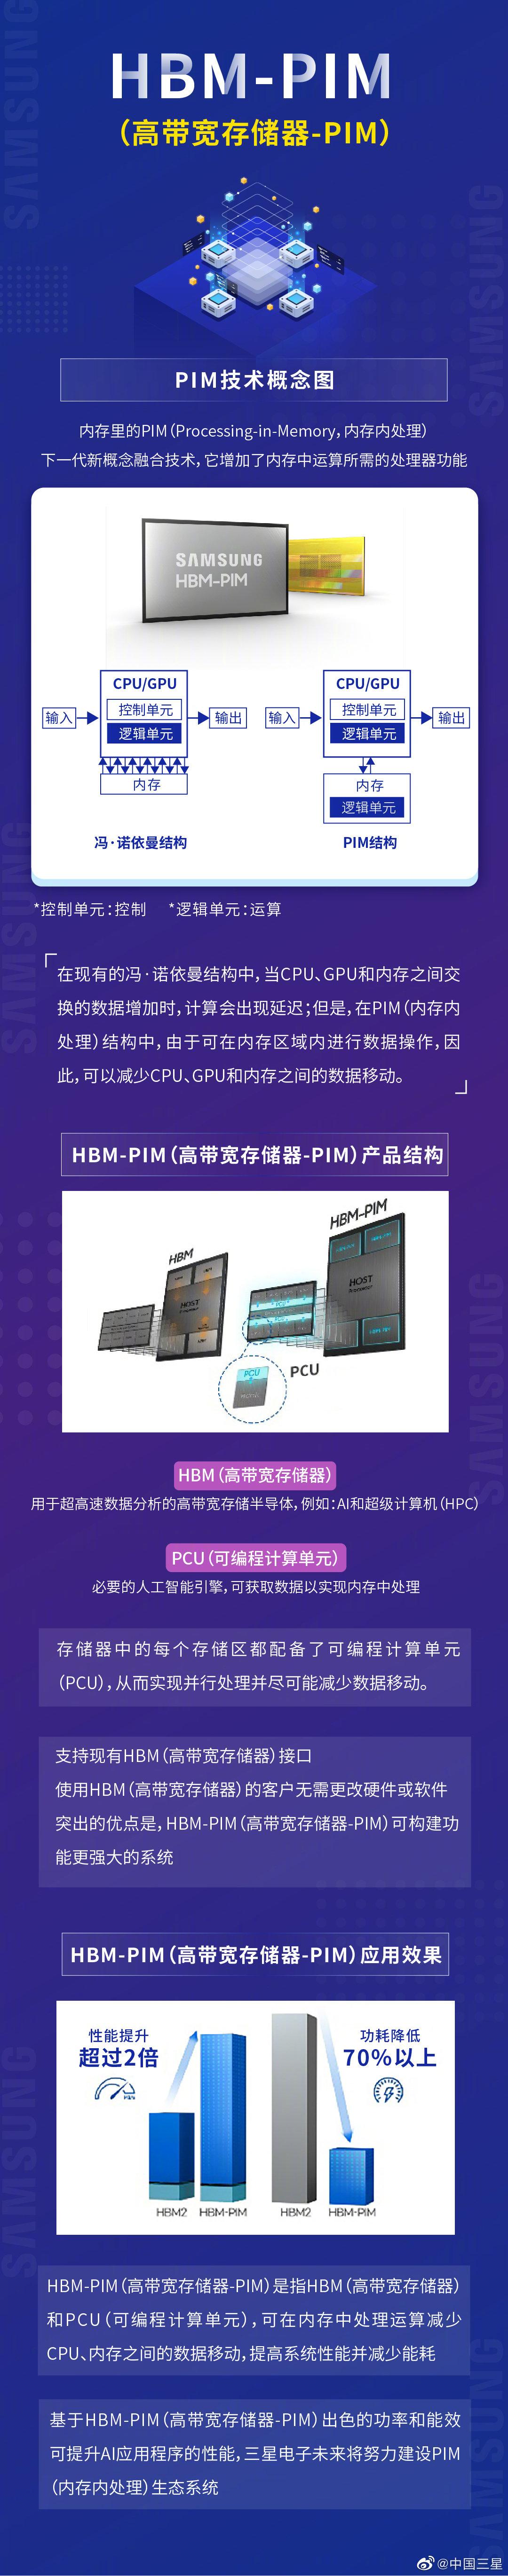 三星电子开发出一款集成了人工智能(AI)处理能力的HBM-PIM-玩懂手机网 - 玩懂手机第一手的手机资讯网(www.wdshouji.com)